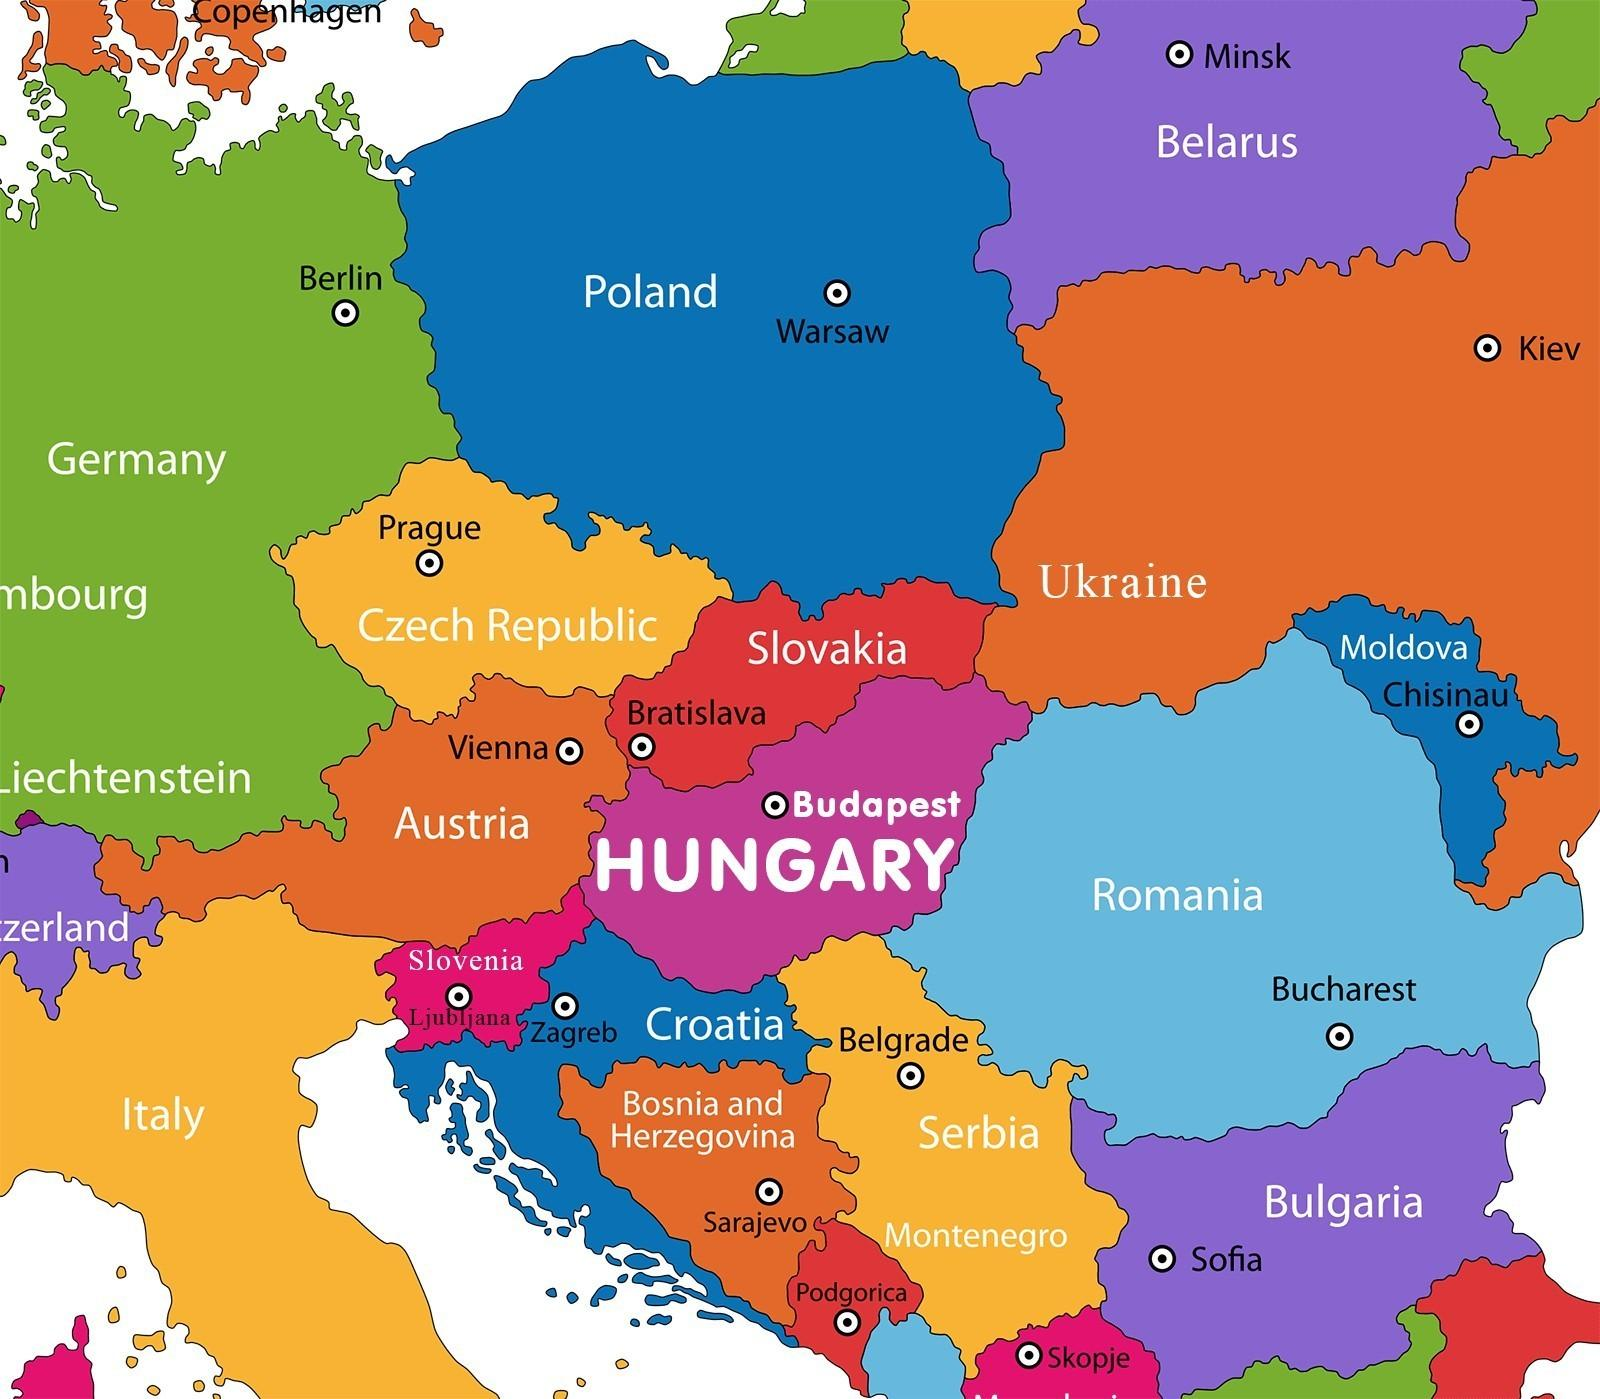 österreich Auf Der Weltkarte Anzeigen österreich Karte Welt Karte